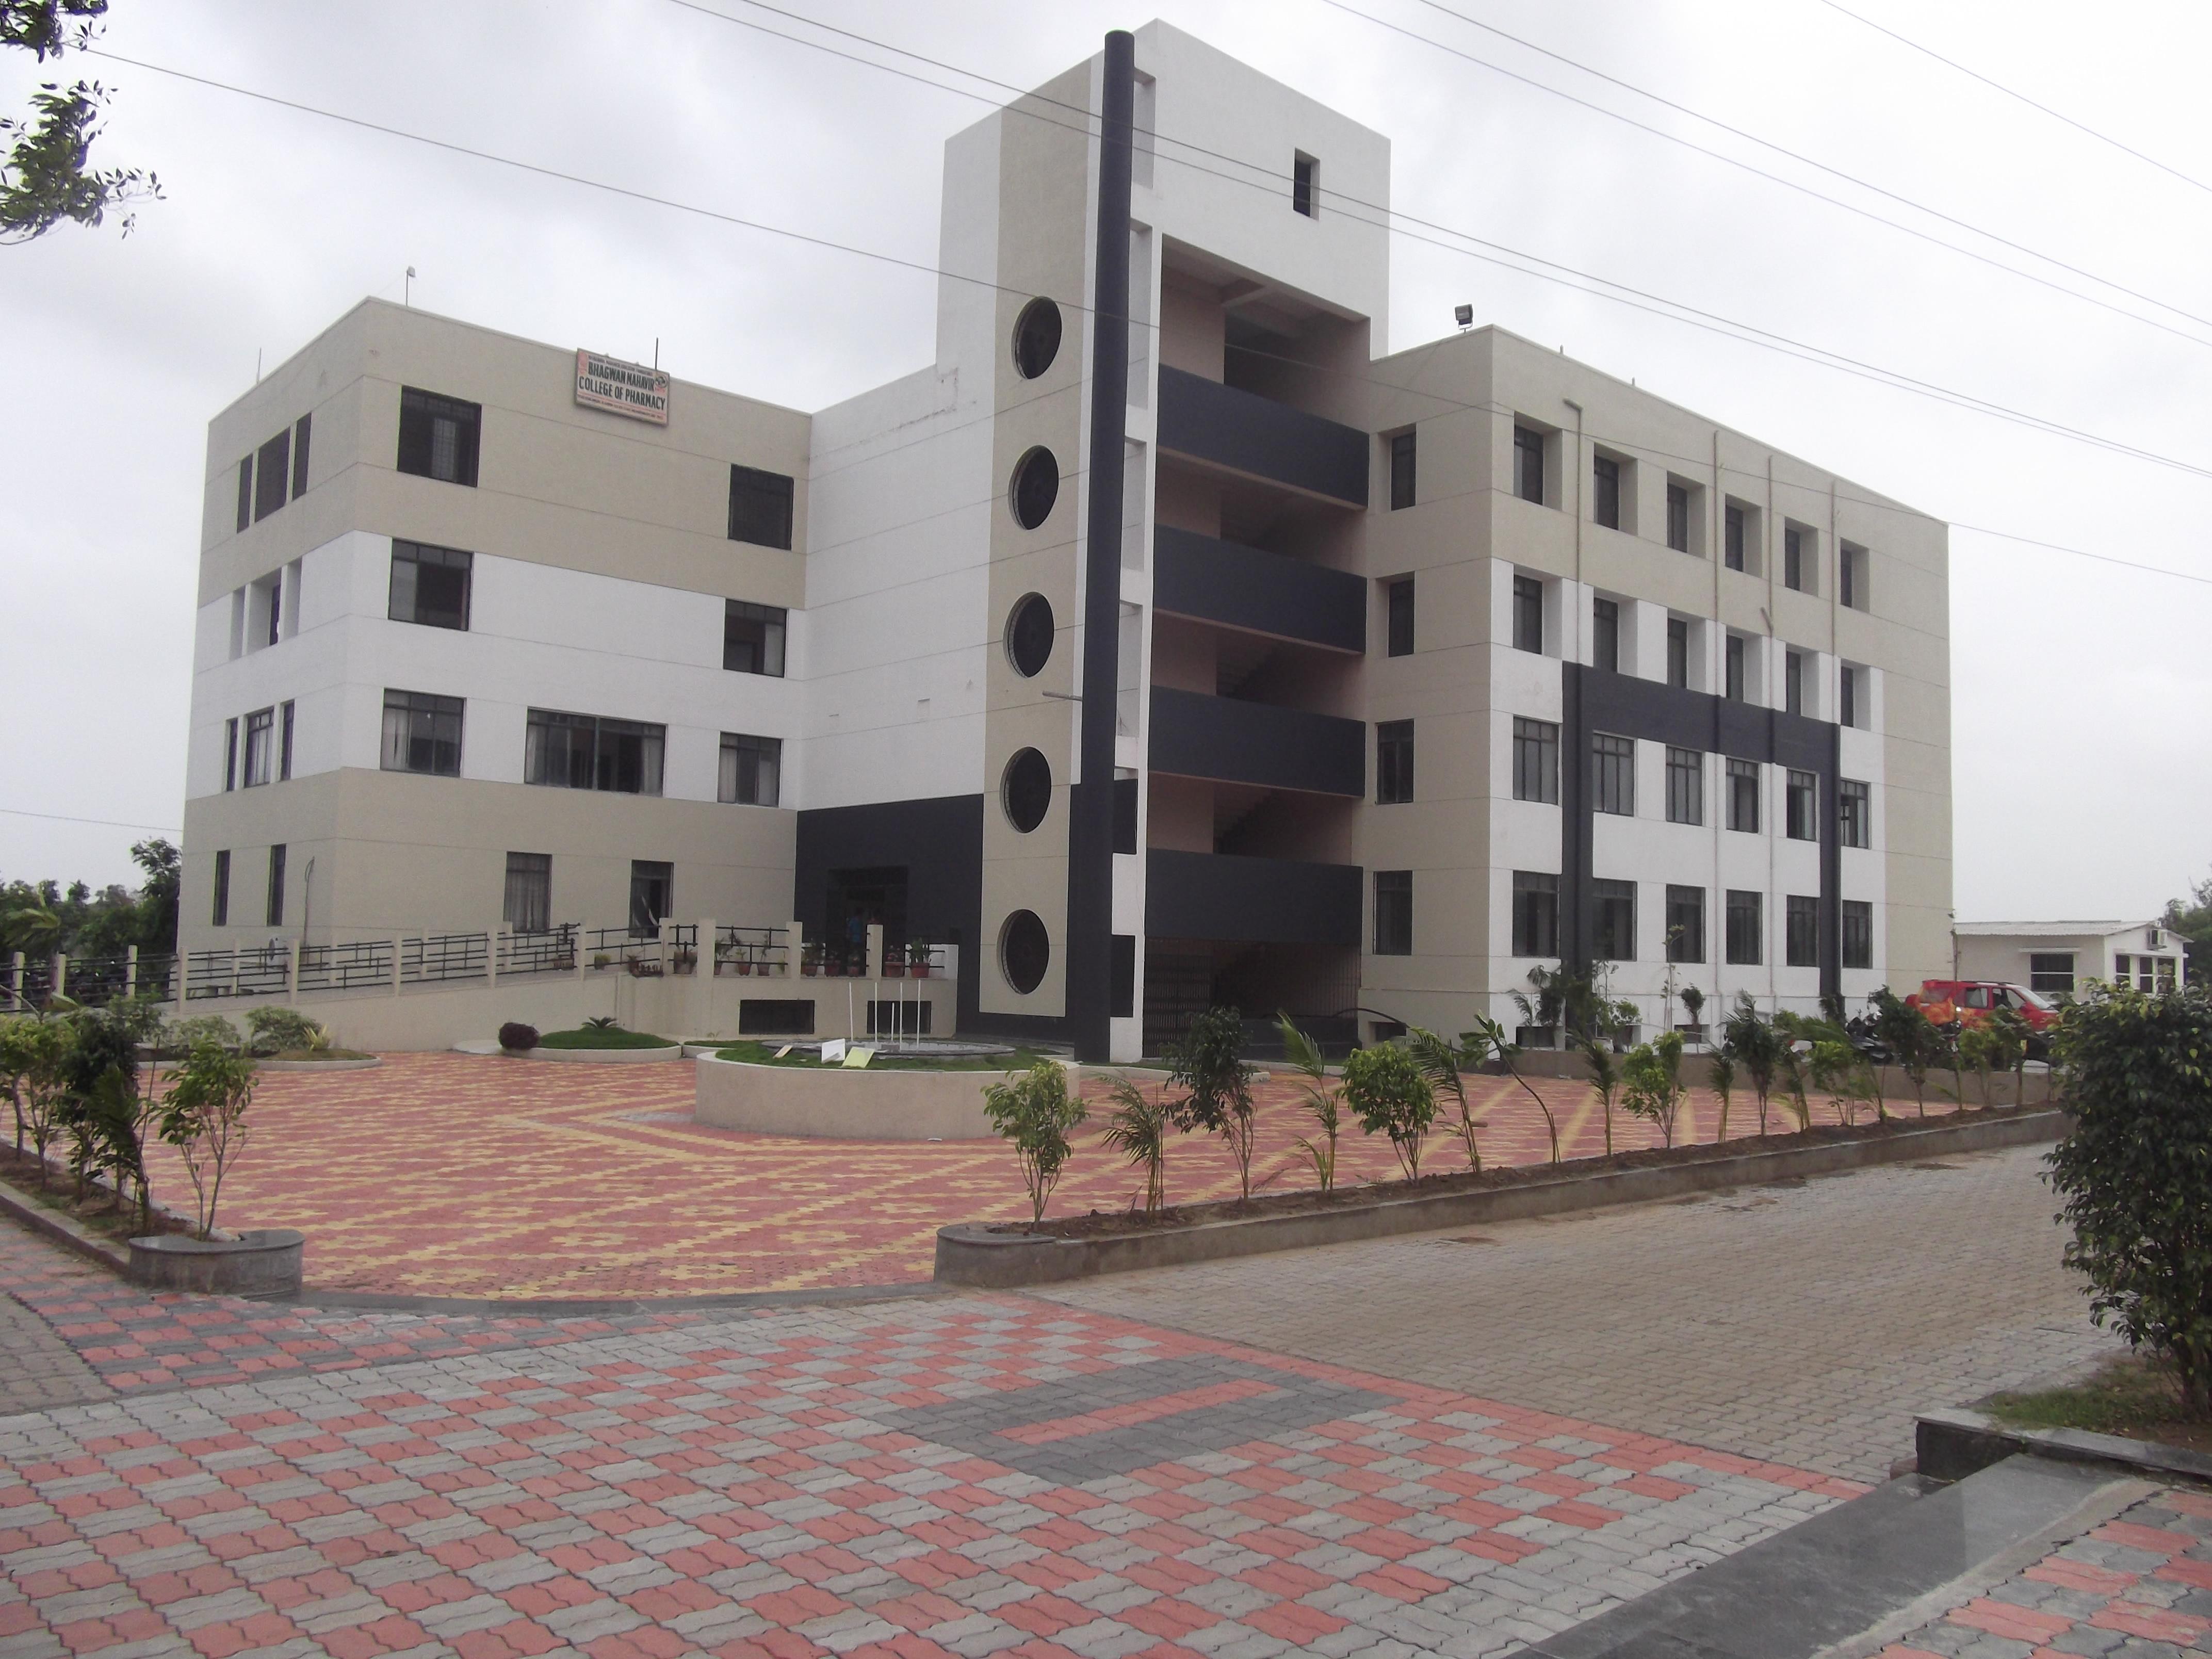 Bhagwan Mahavir College of Pharmacy, Surat